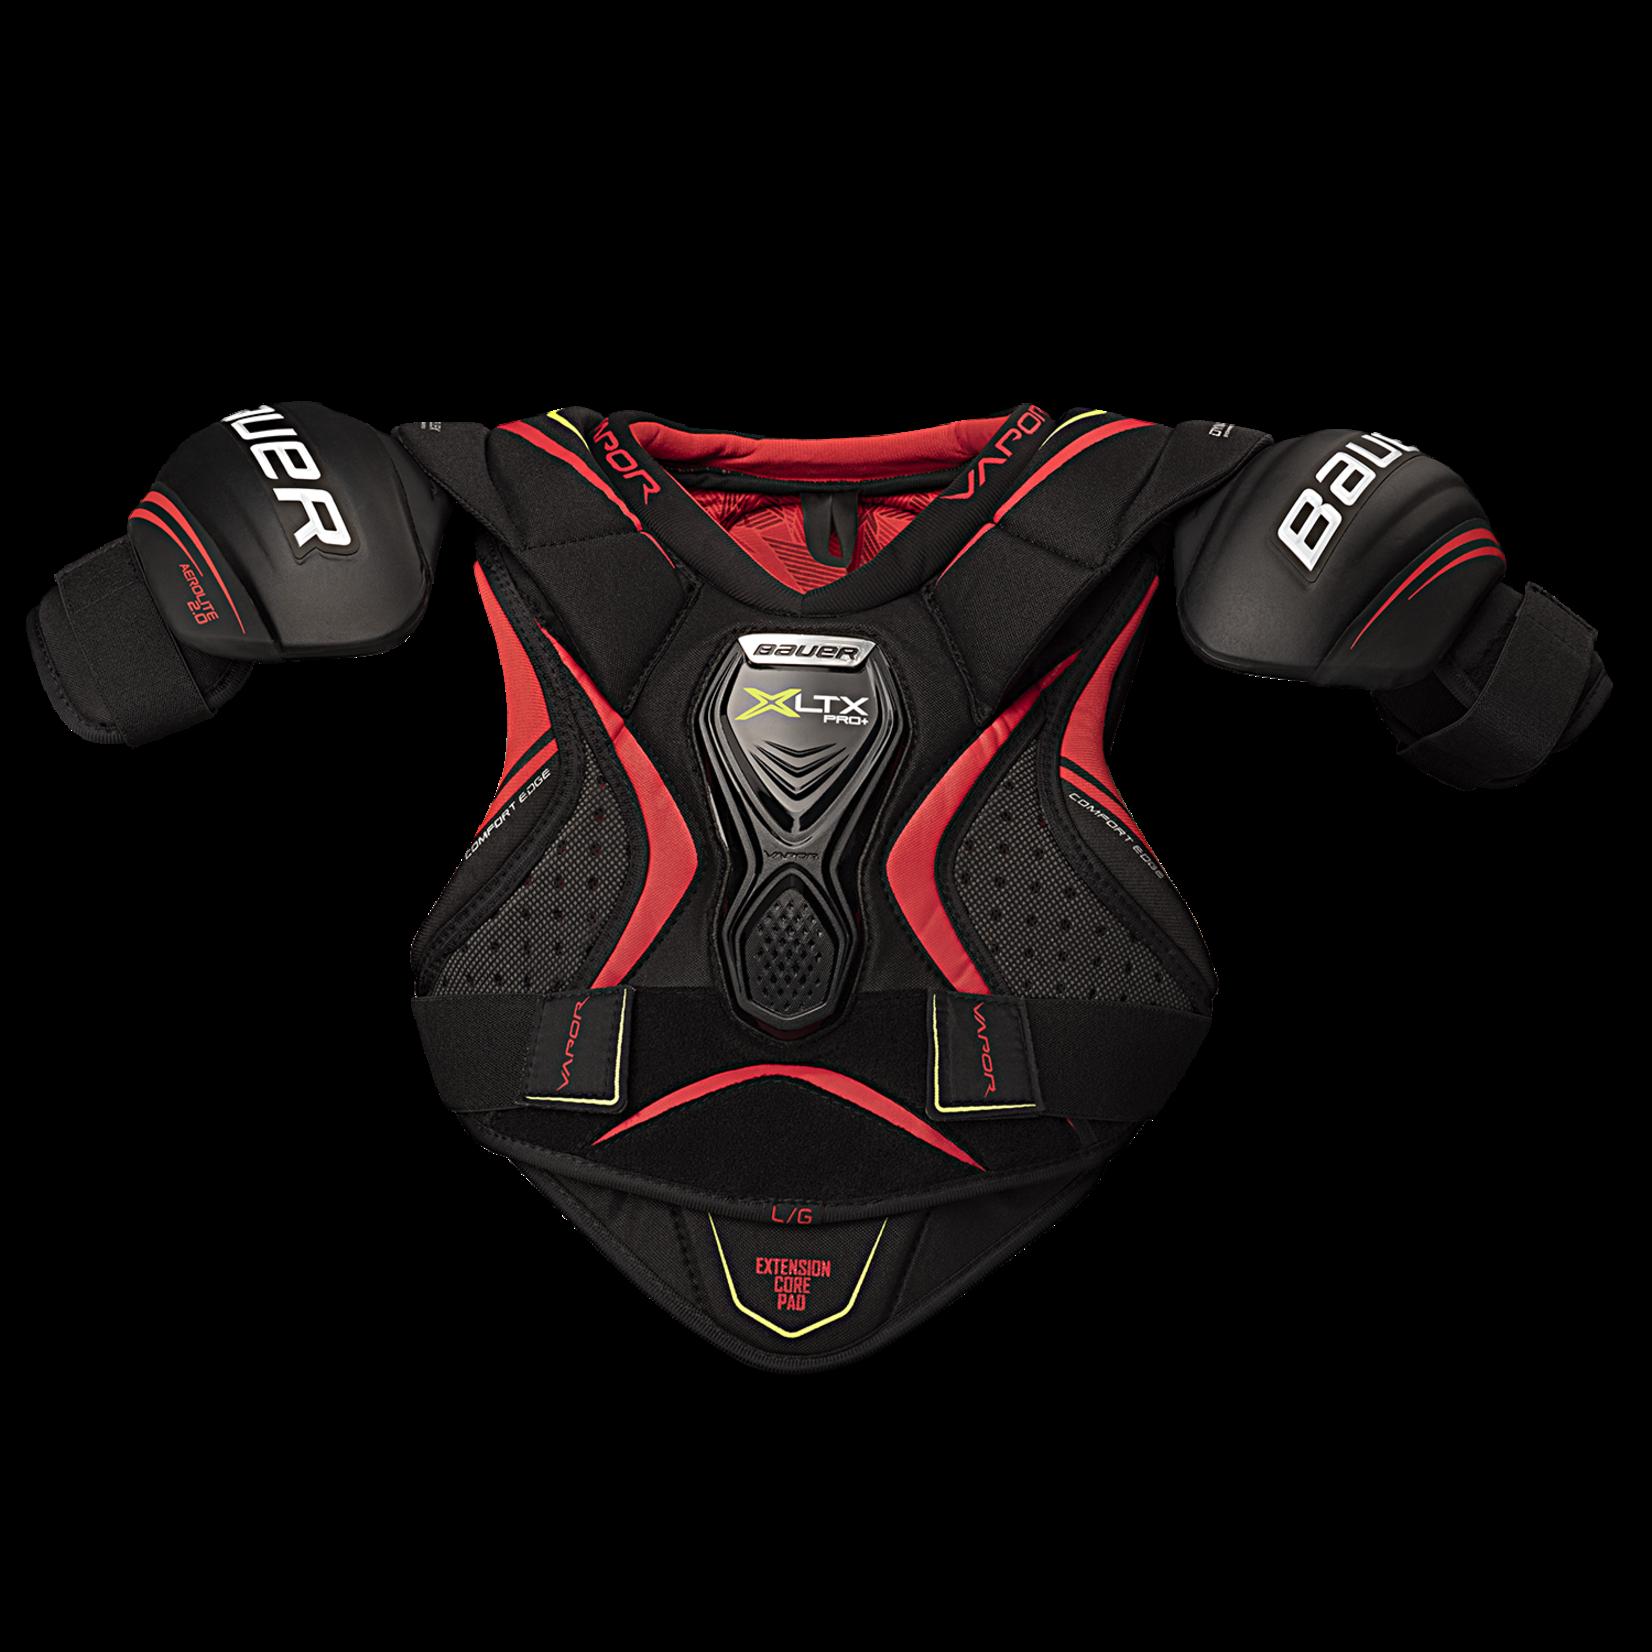 Bauer Bauer Hockey Shoulder Pads, Vapor X LTX Pro+, Junior